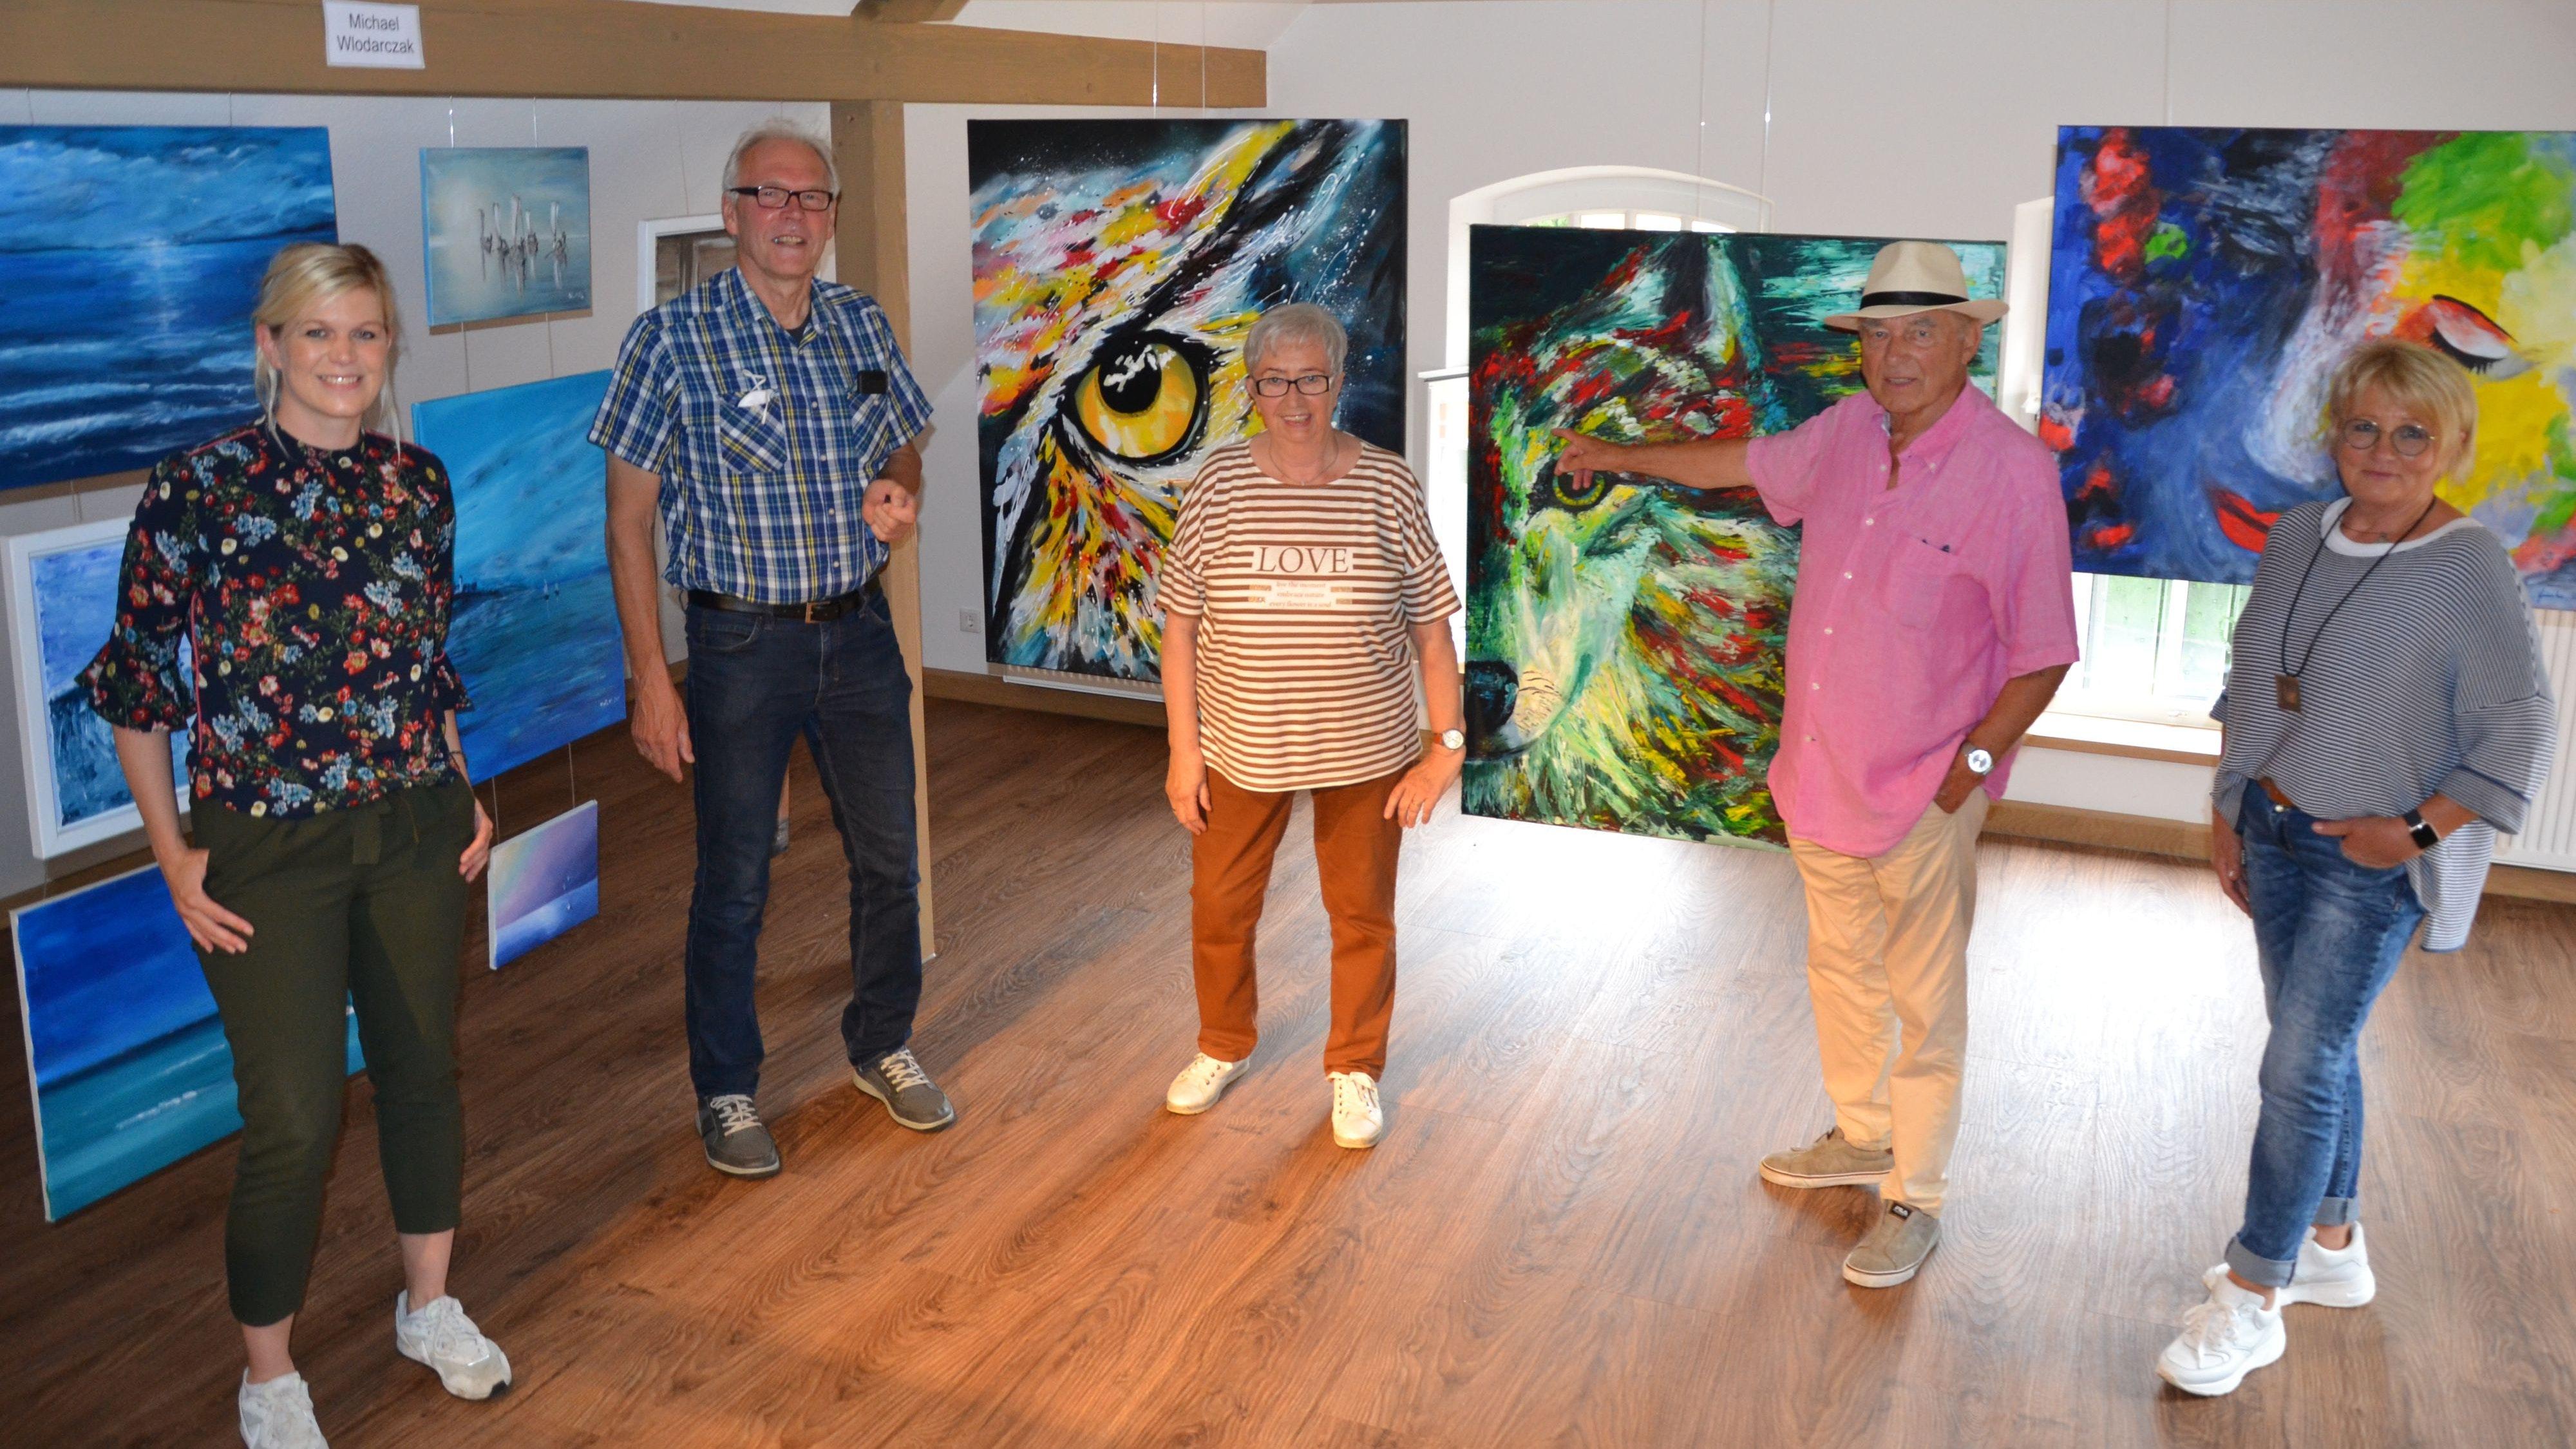 Stellen aus (von links): Janet Böckmann, Michael Wlodarczak, Elfie Kläs, Heinz Finke und Marlies Diekmannzeigen ihre Werke in der Kulturscheune. Foto: G. Meyer